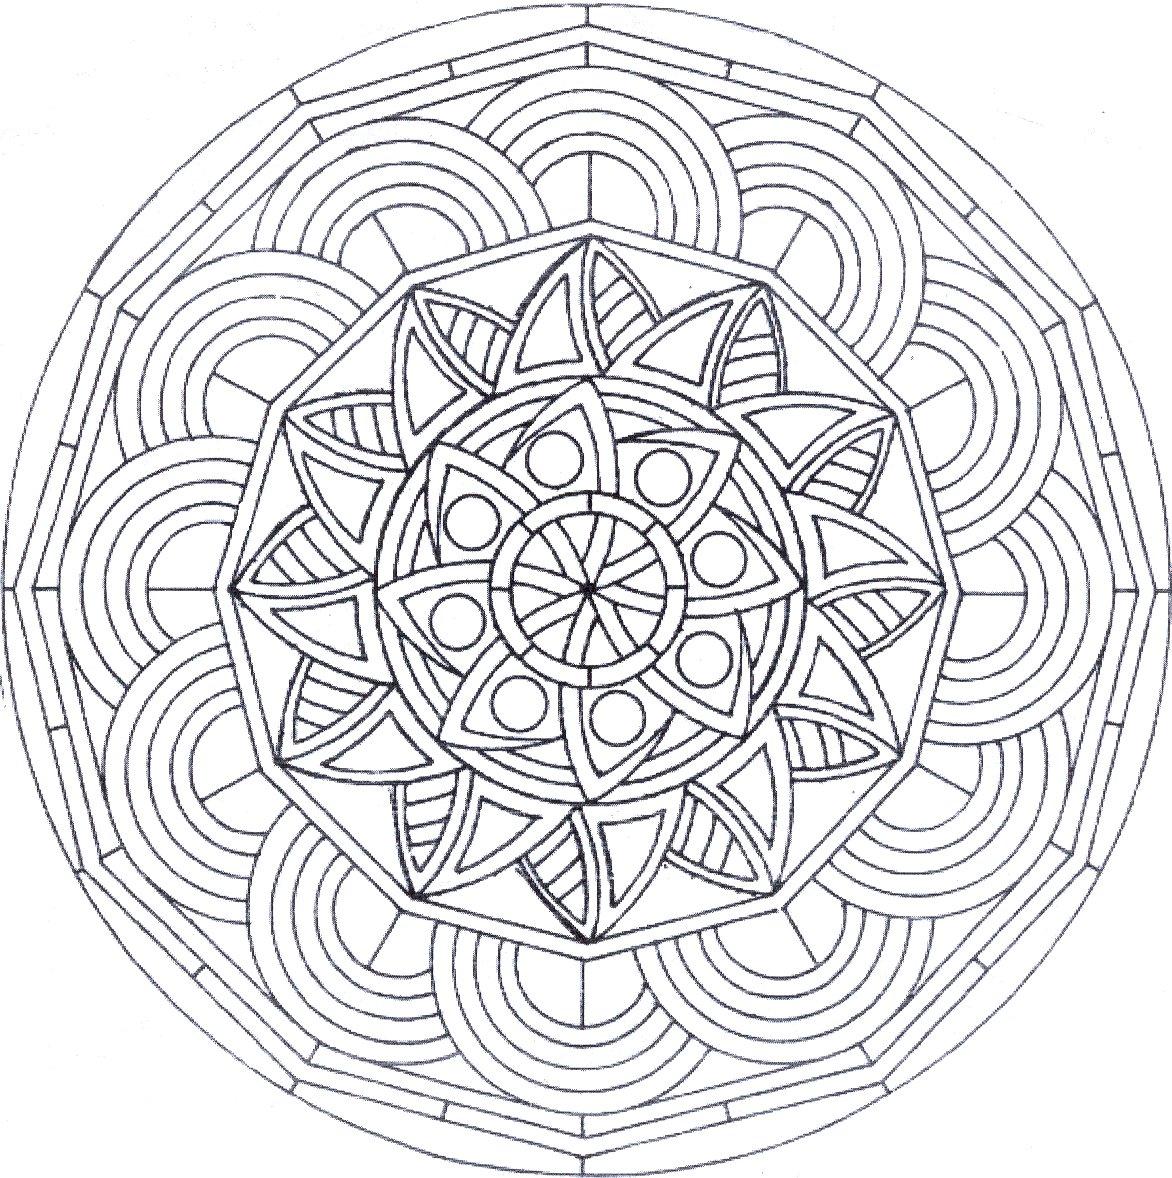 Coloriage Mandala Dur concernant Dessin Tres Dur